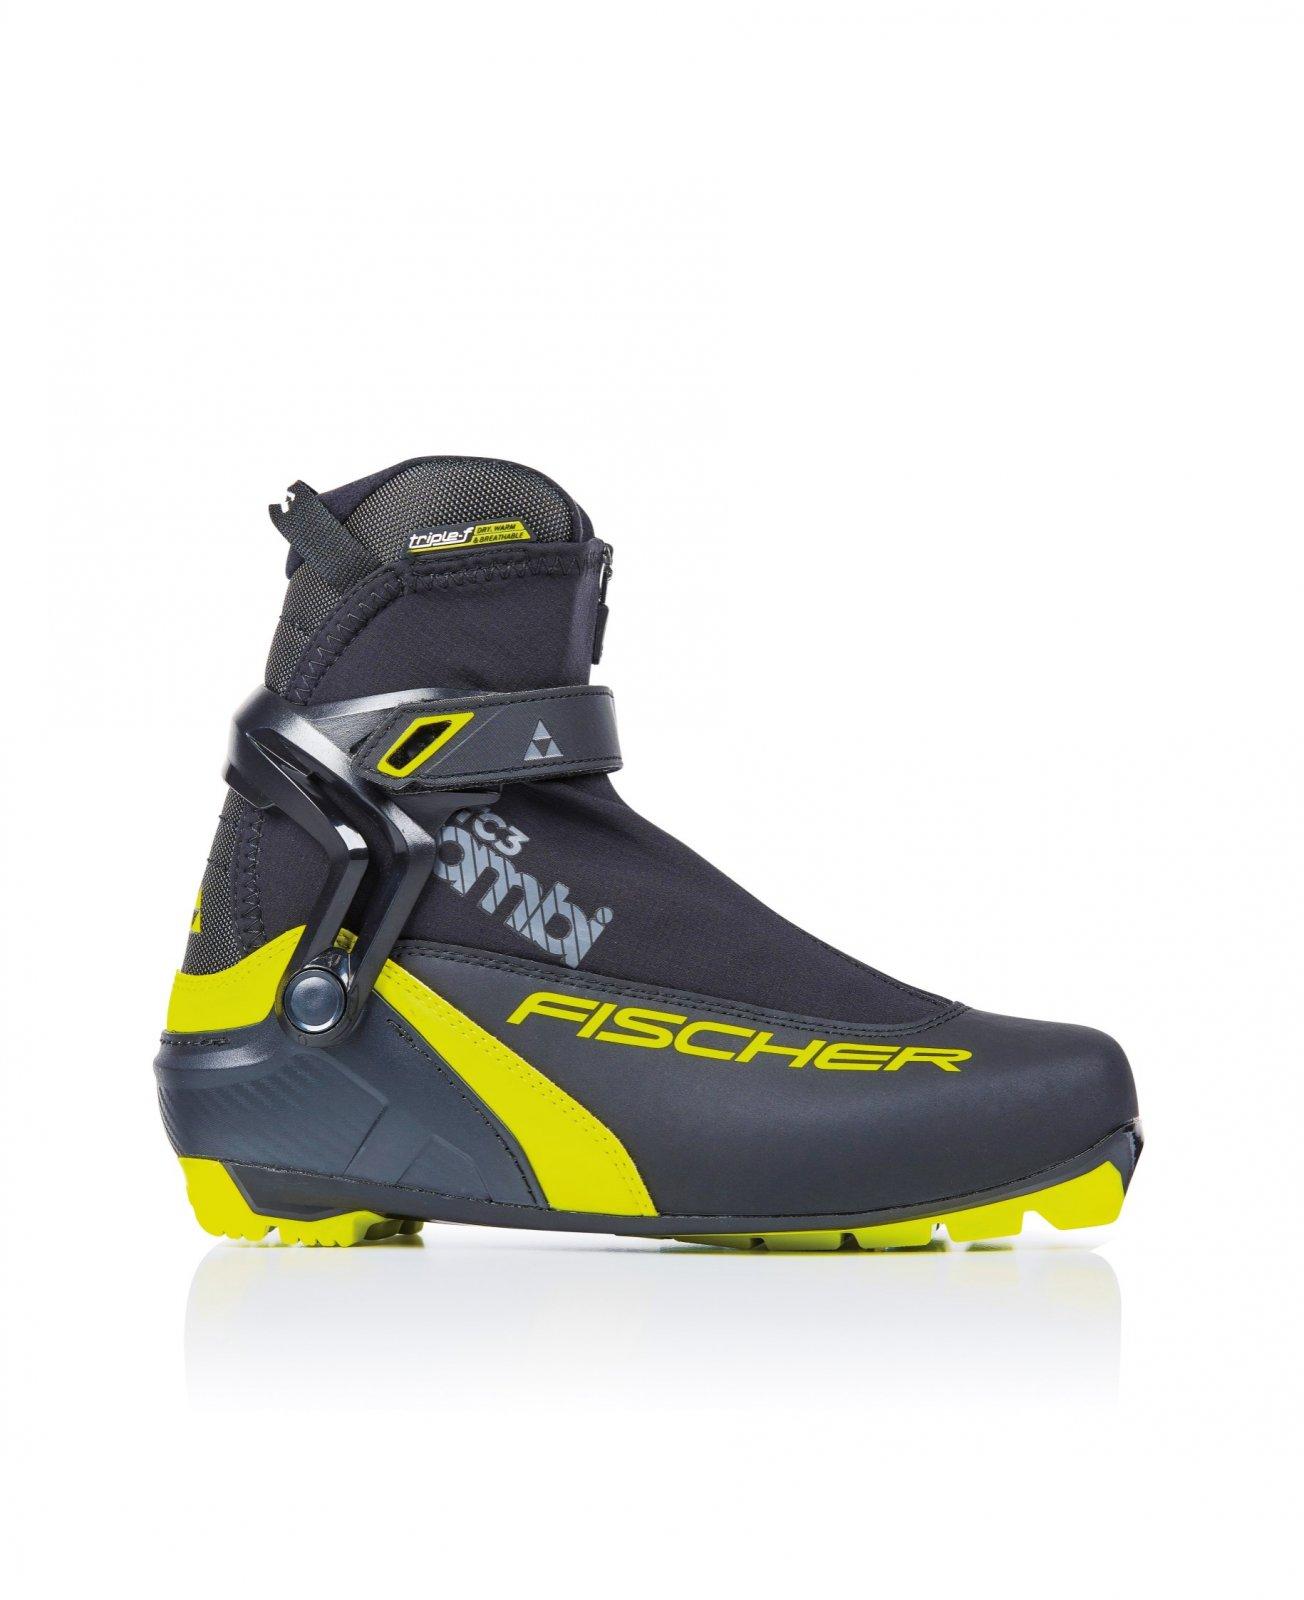 2021 Fischer RC3 Combi XC Ski Boots